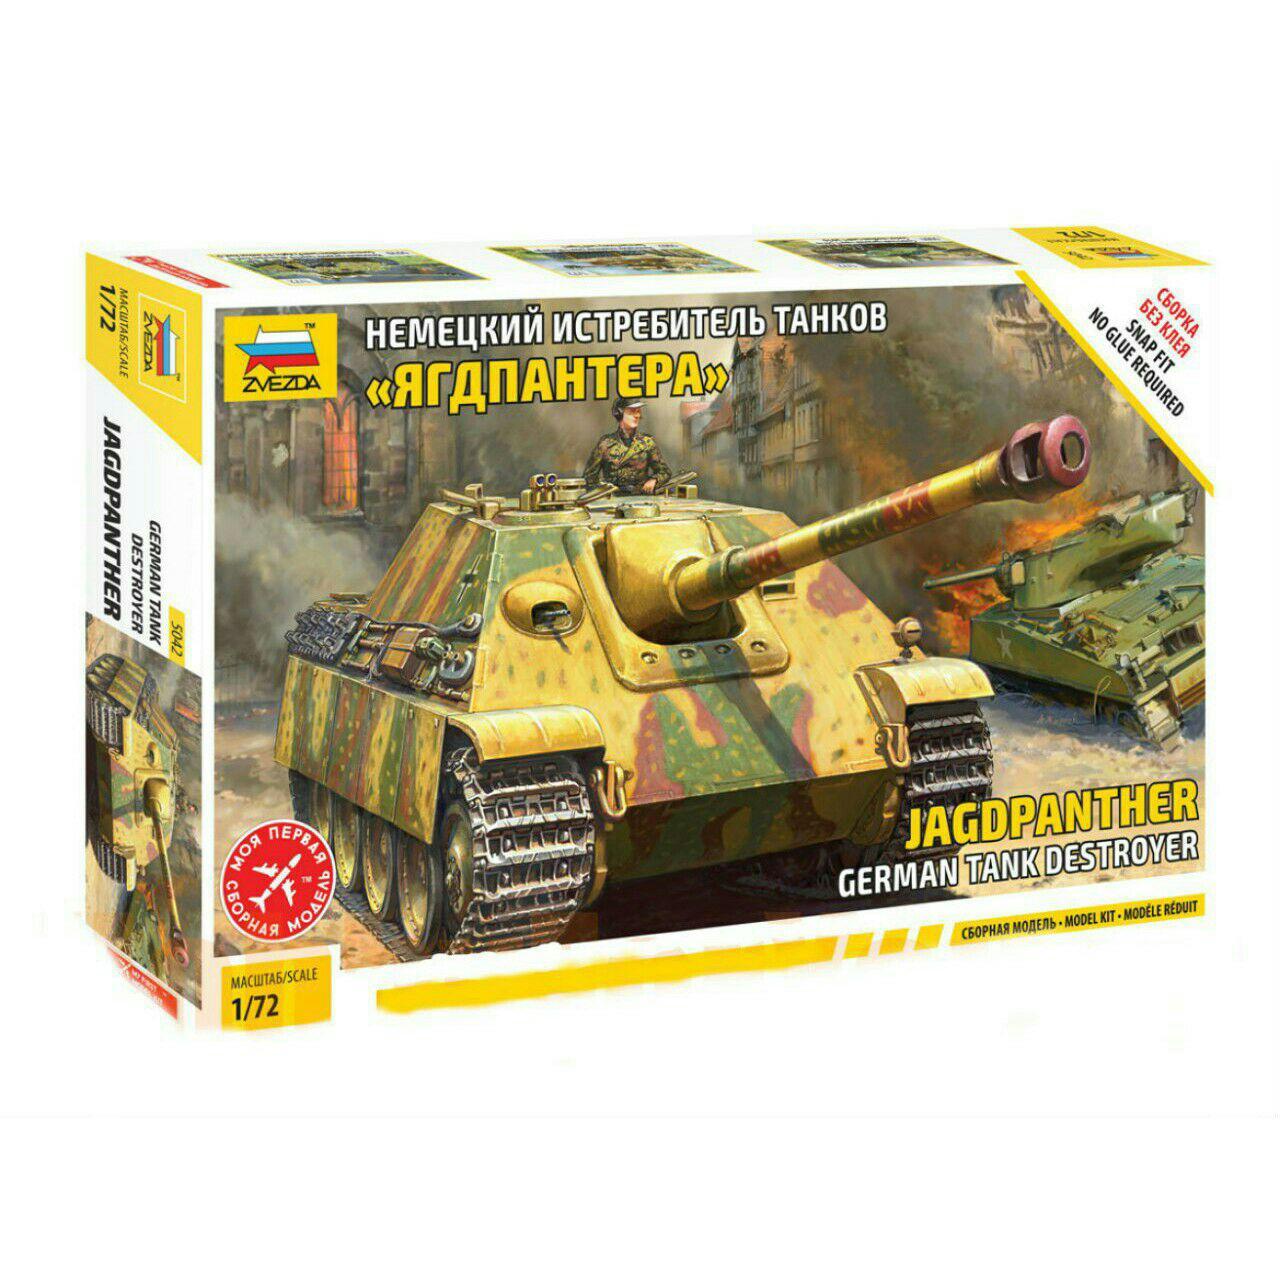 Модель сборная - Немецкий истребитель танков ЯгдпантераМодели танков для склеивания<br>Модель сборная - Немецкий истребитель танков Ягдпантера<br>